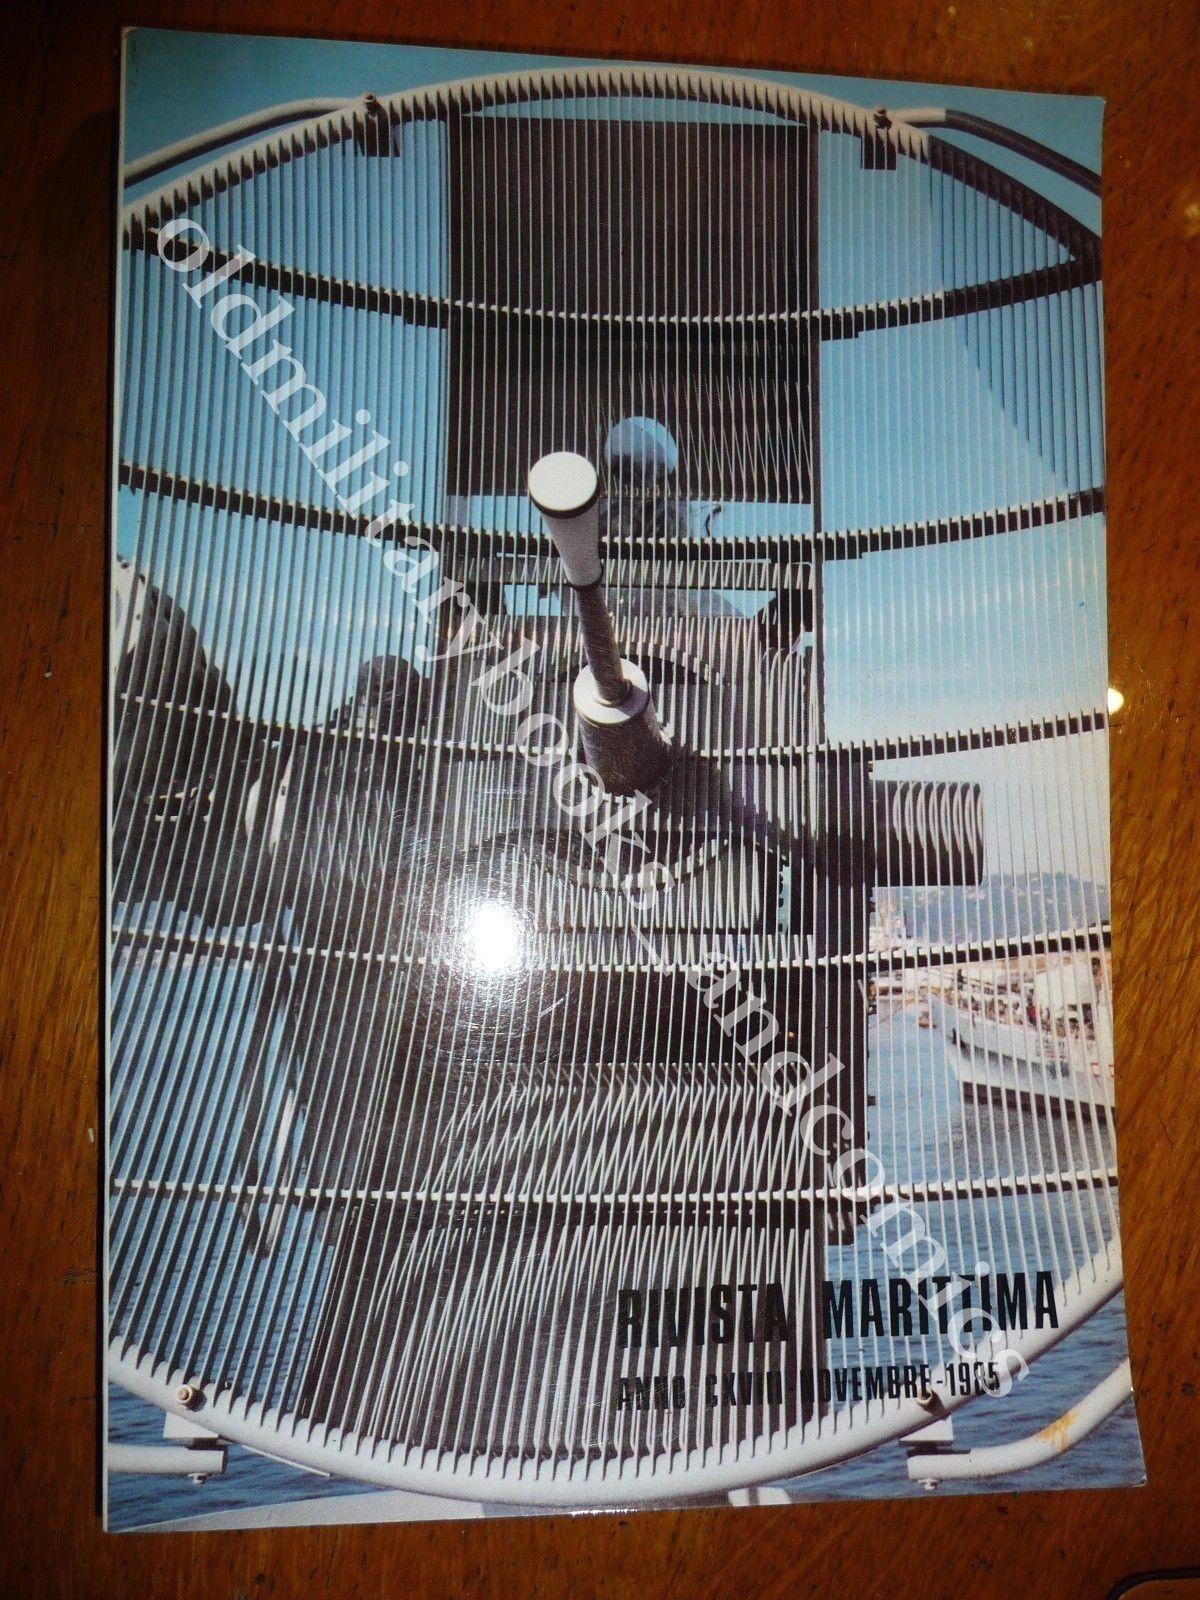 RIVISTA MARITTIMA 1985 n 11 TASK FORCES NAVALINAVI E UOMINI RM NELLA WWII NATO